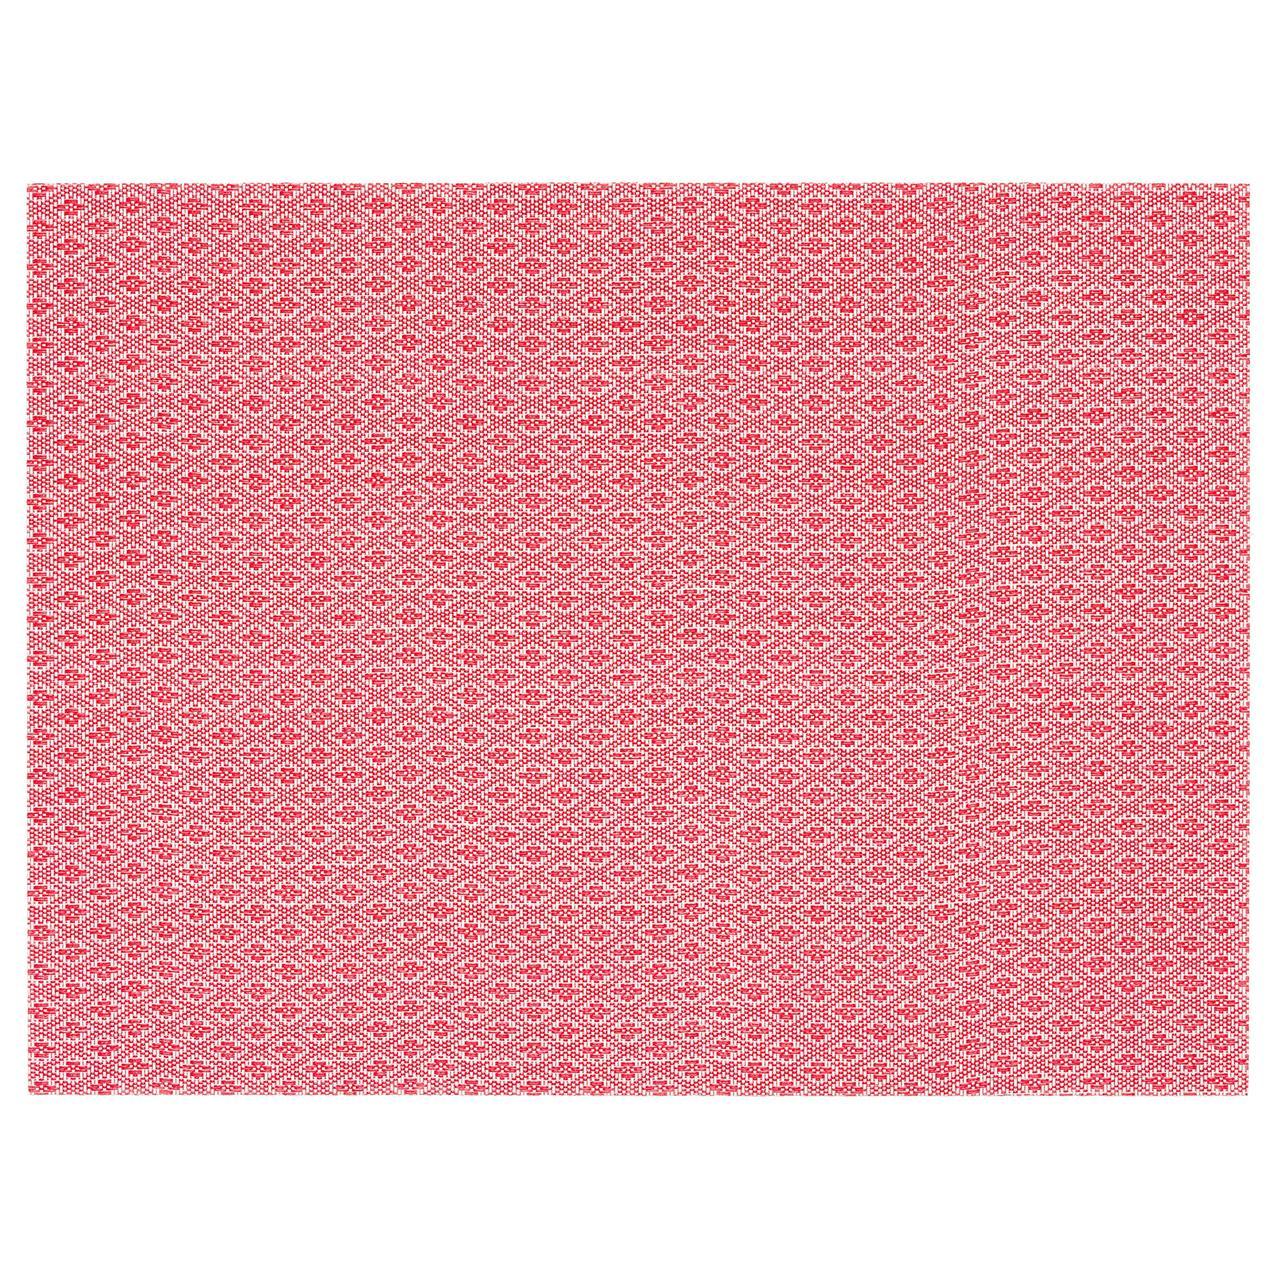 ГАЛЛЬРА Салфетка под приборы, красный, с рисунком